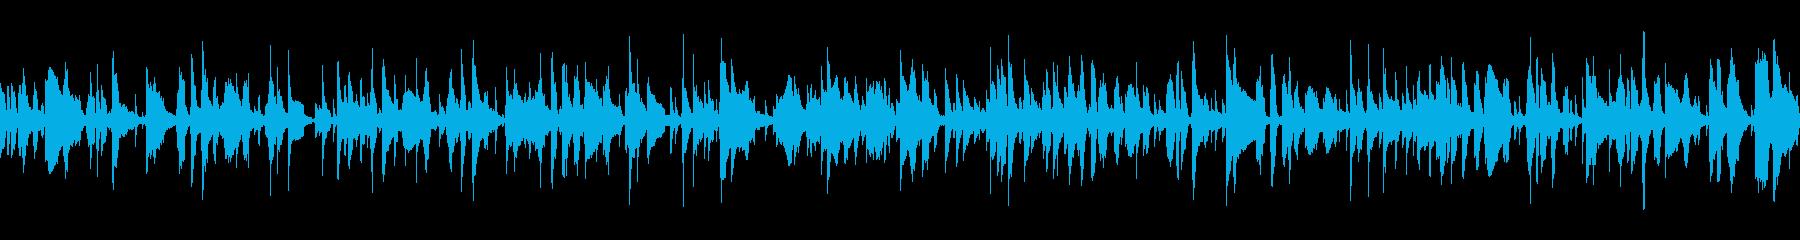 劇伴 エレキギター ピアノ ジャズの再生済みの波形